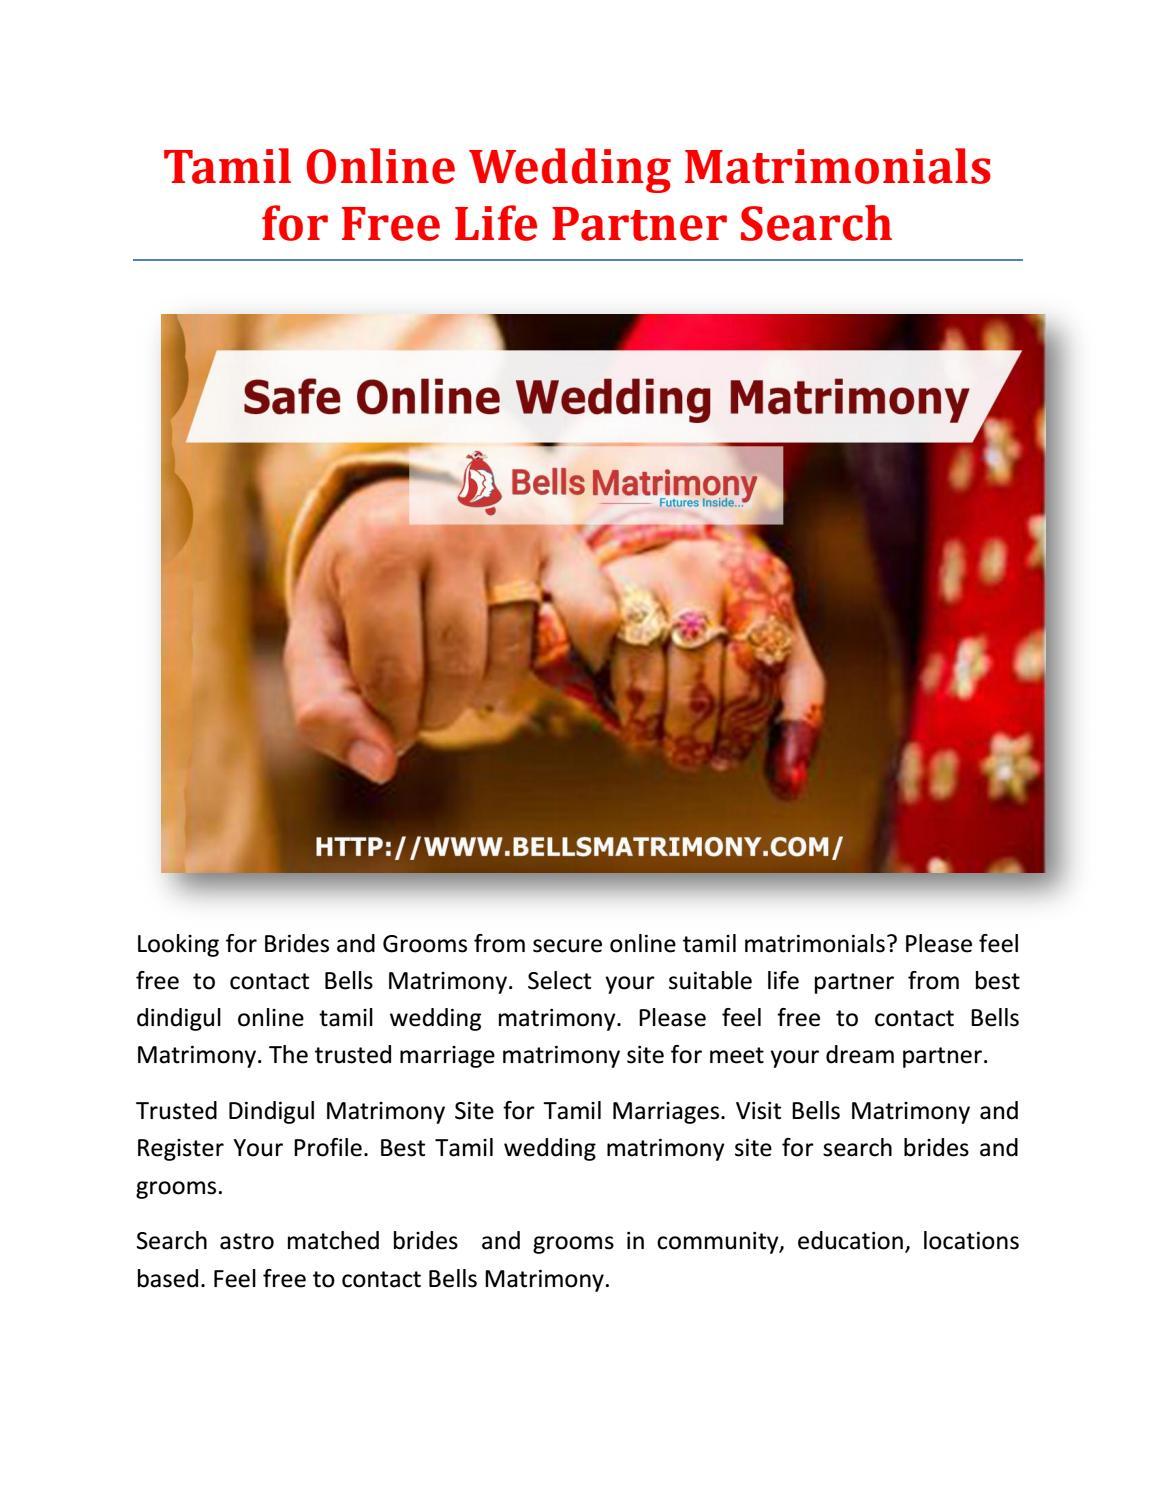 Gratis online matchmaking i Tamil